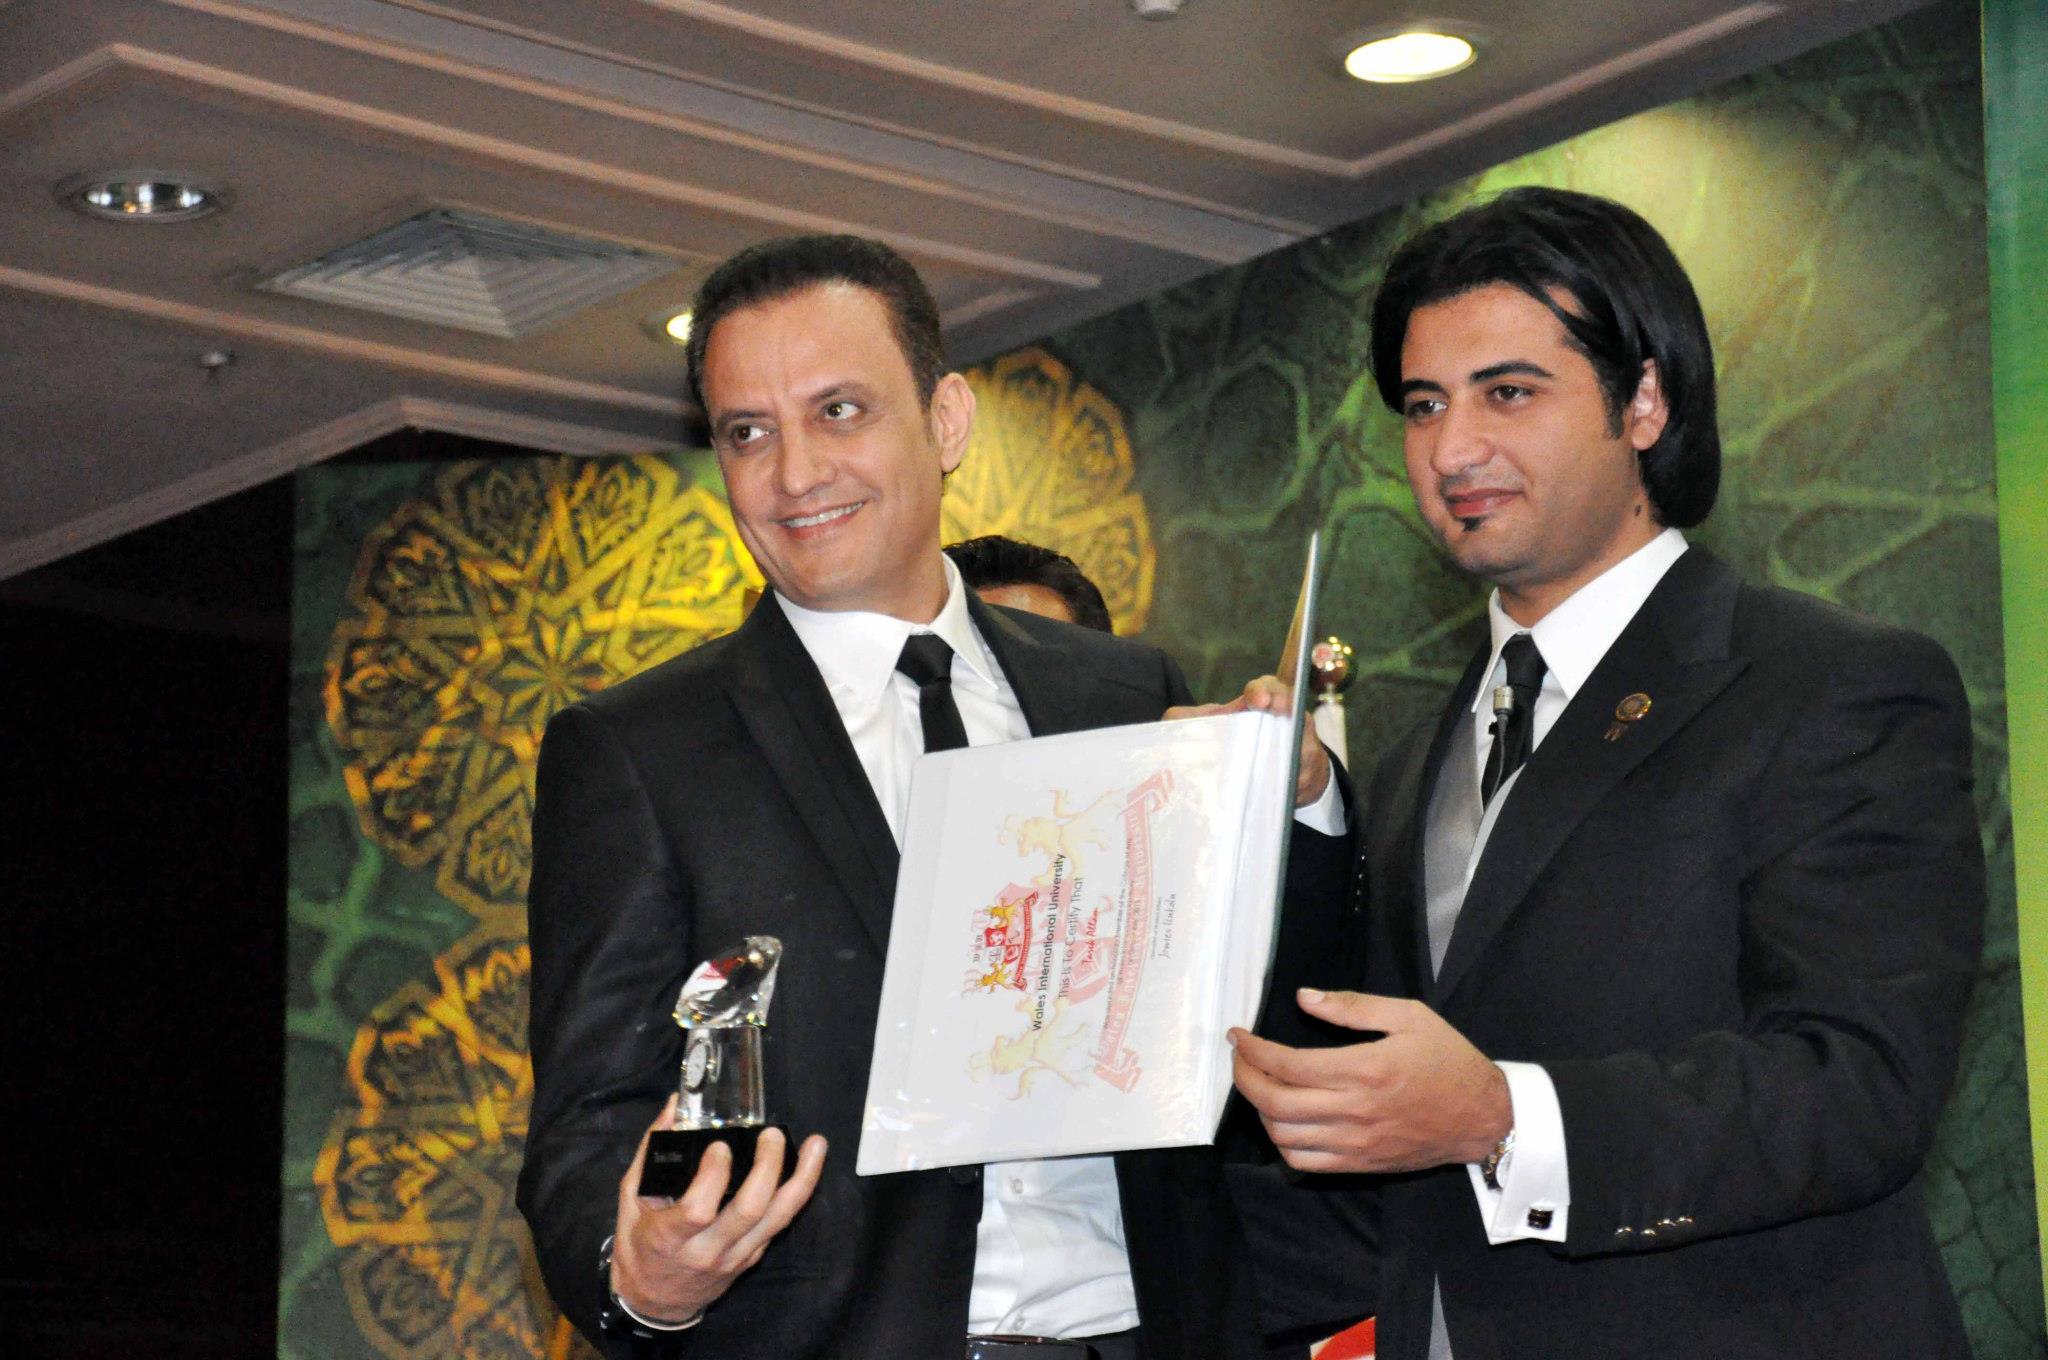 تكريم الاعلامى طارق علام لحصولة على الدكتوراة الفخرية فى (التنمية البشرية )